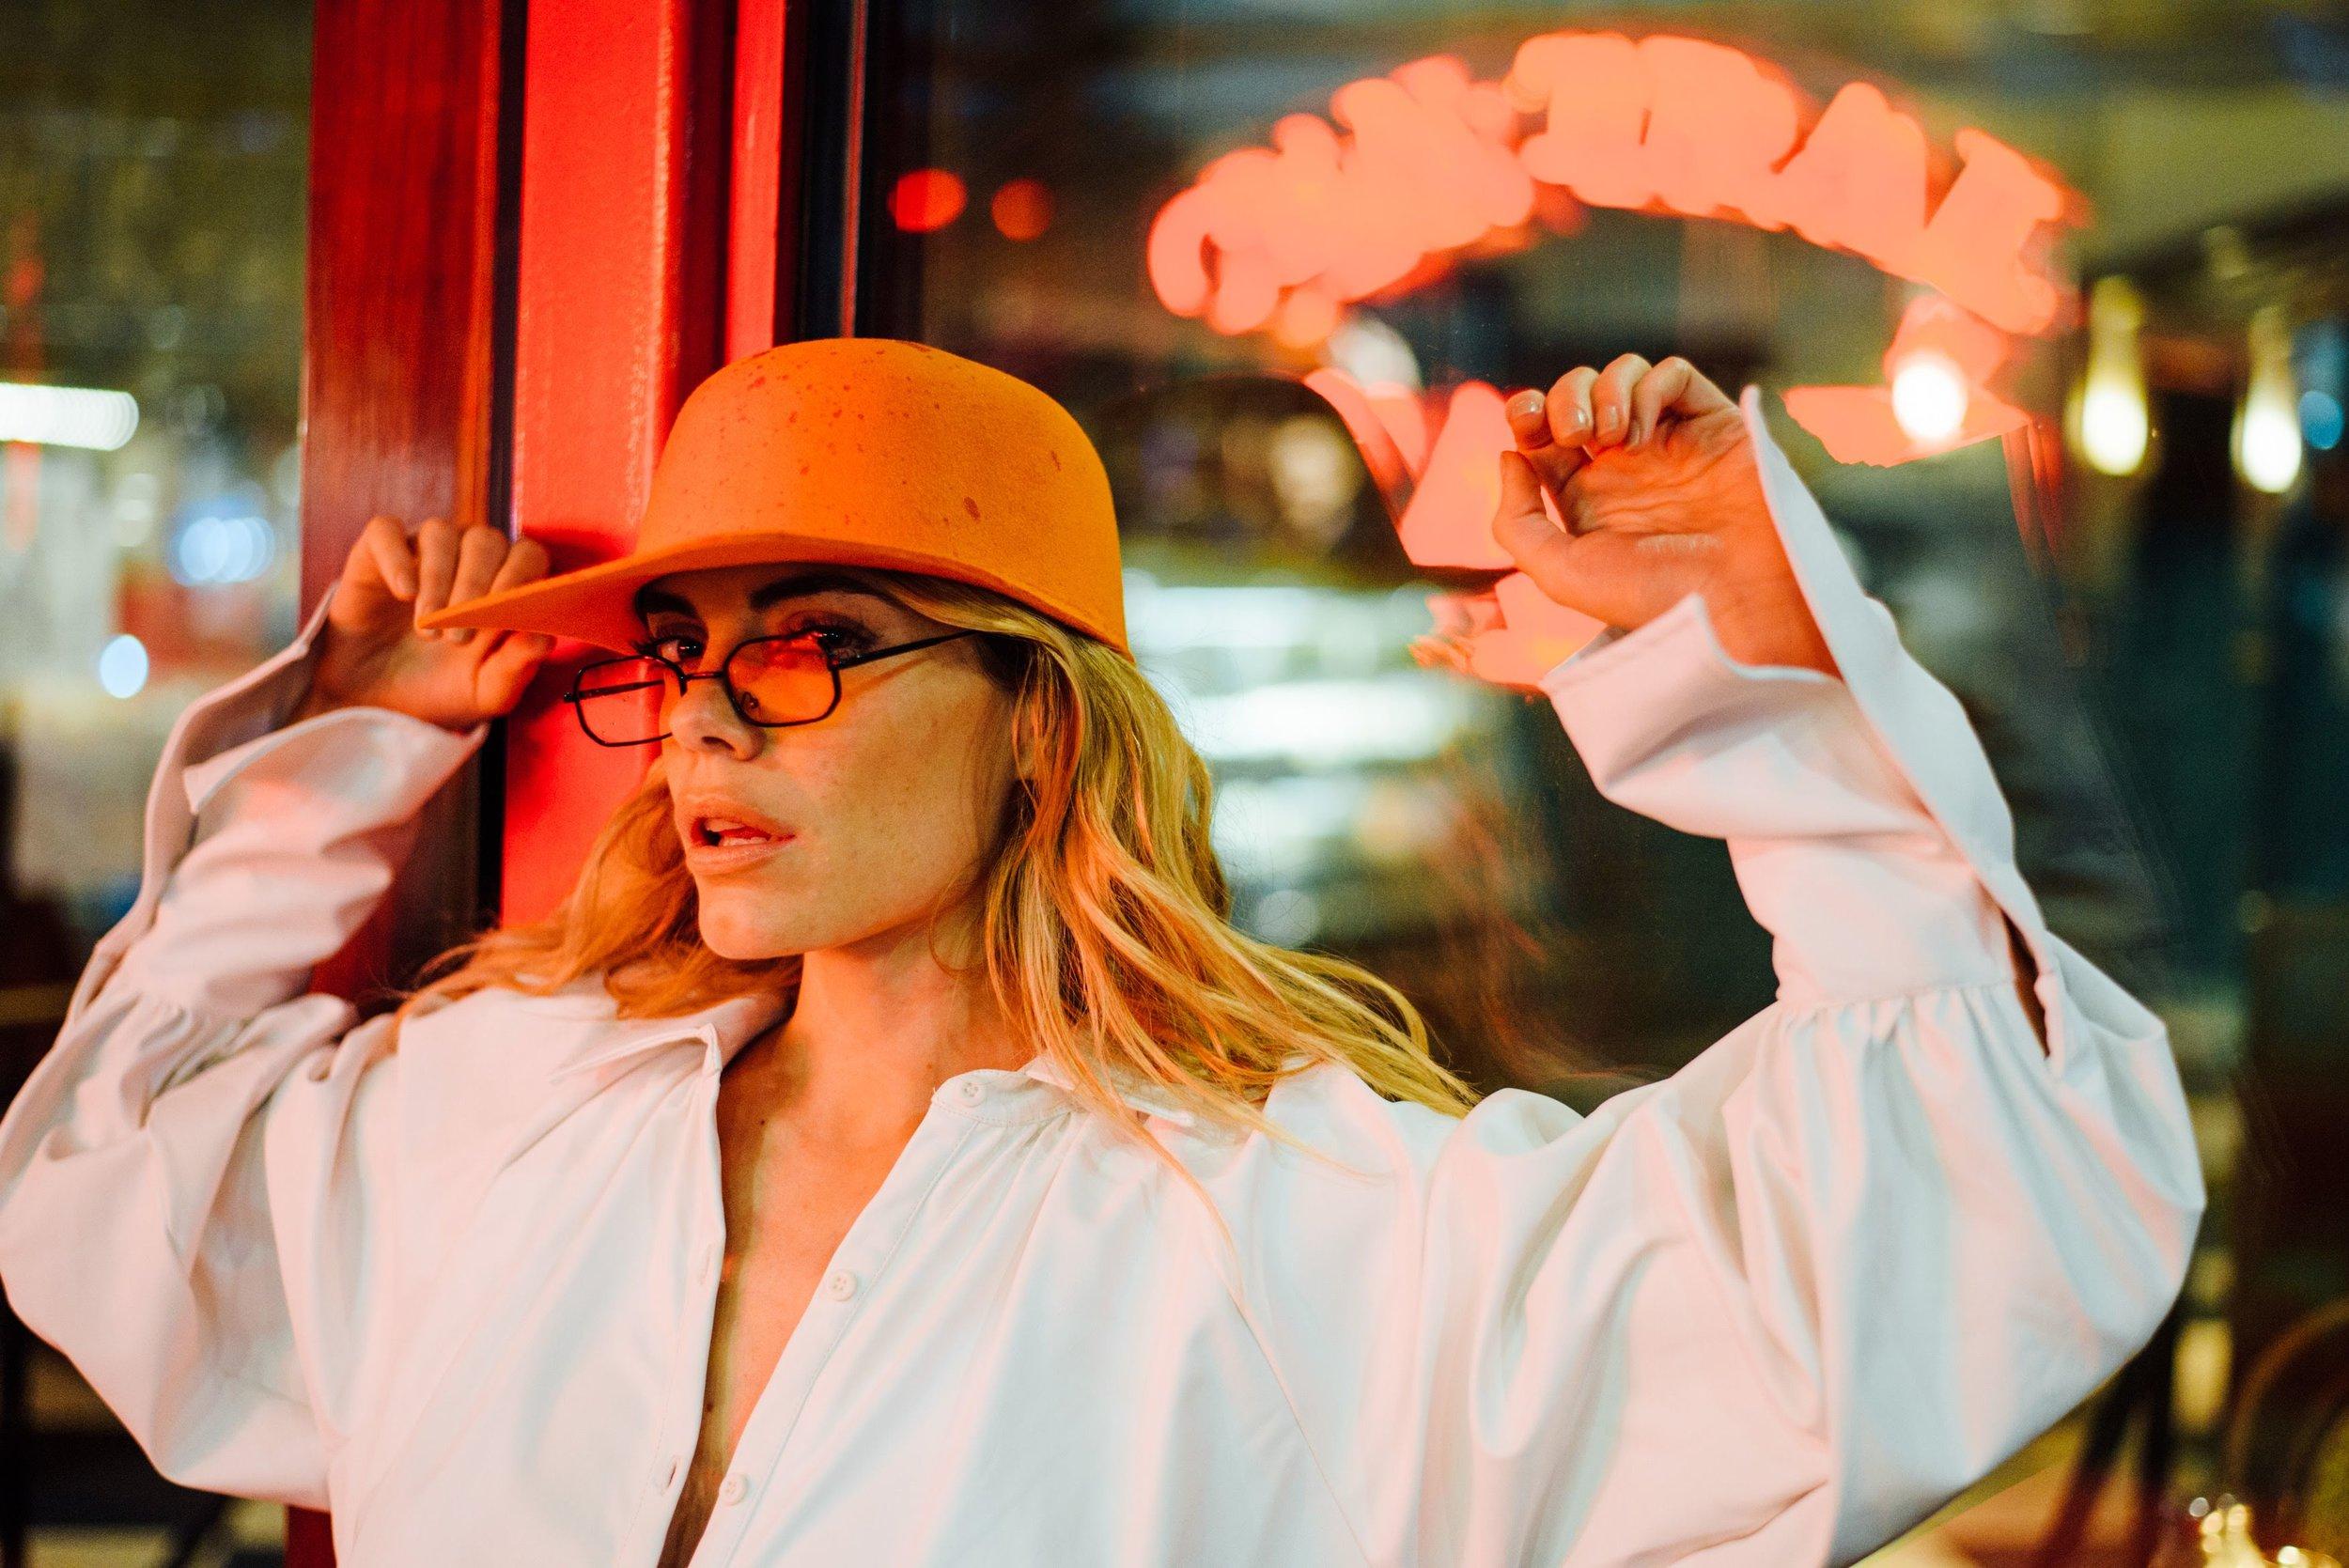 Emilia Attias en NYC por Malvina Battiston 2018 268.jpg